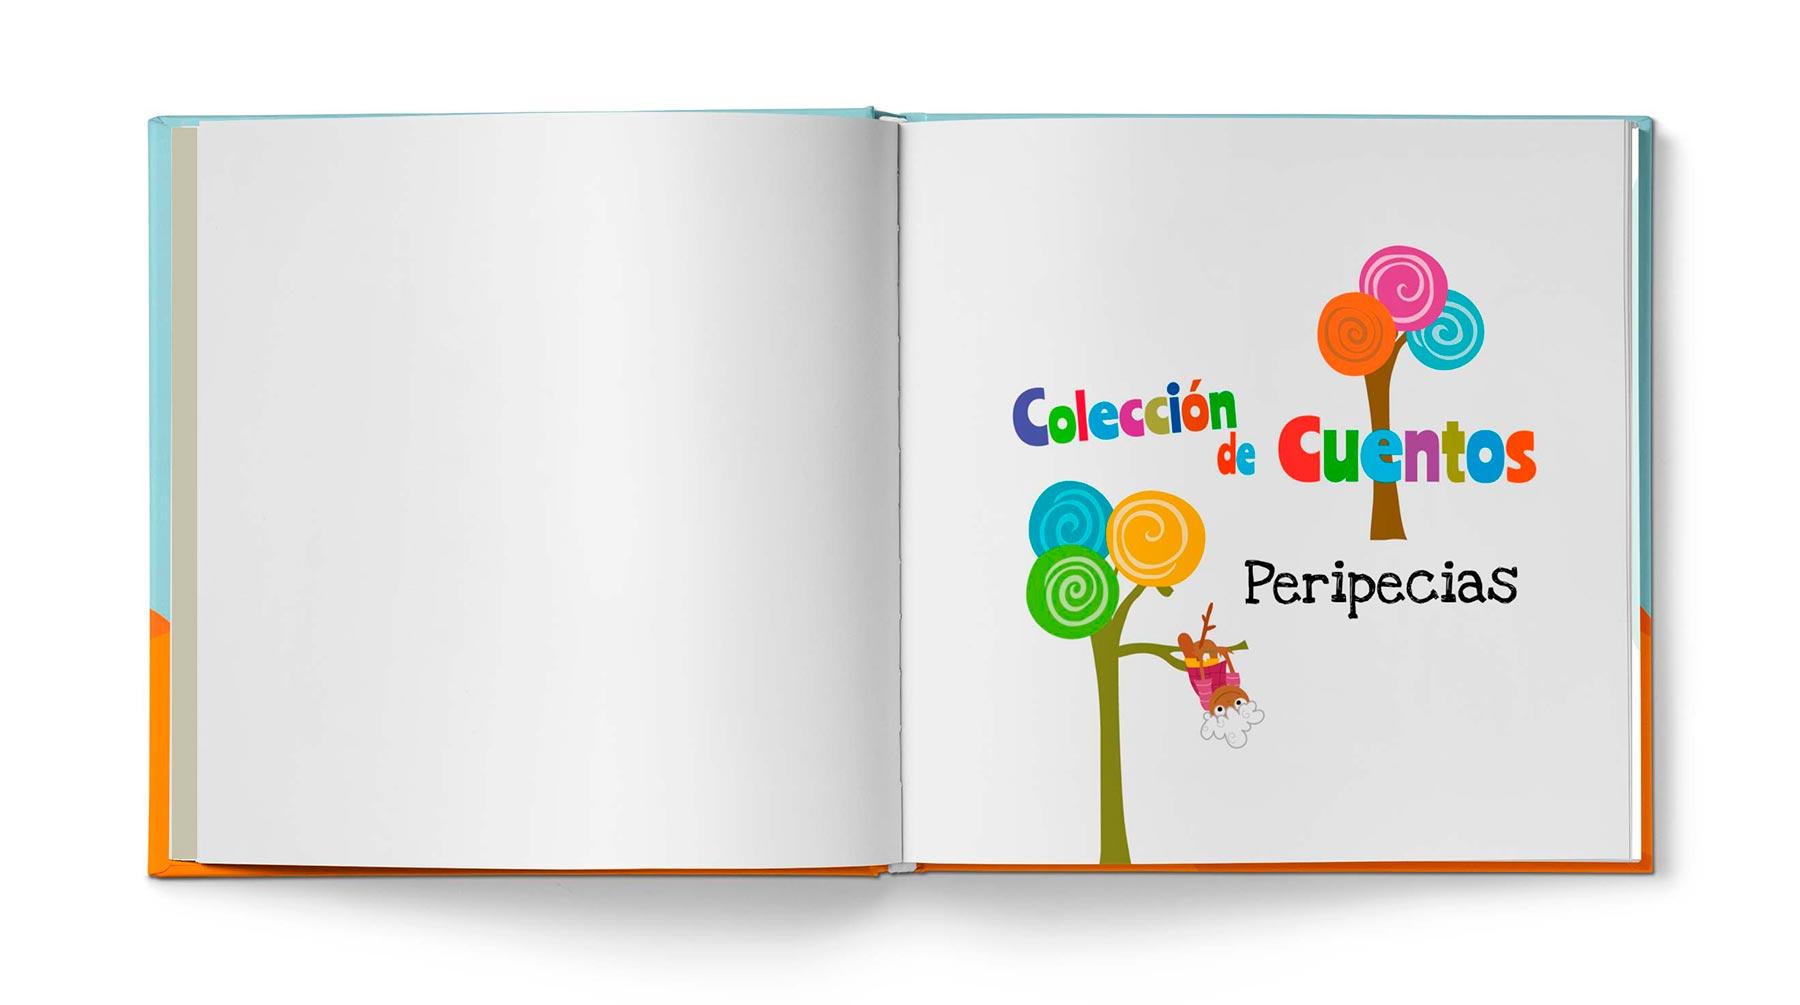 Cuento Colección peripecias - Imagen 1